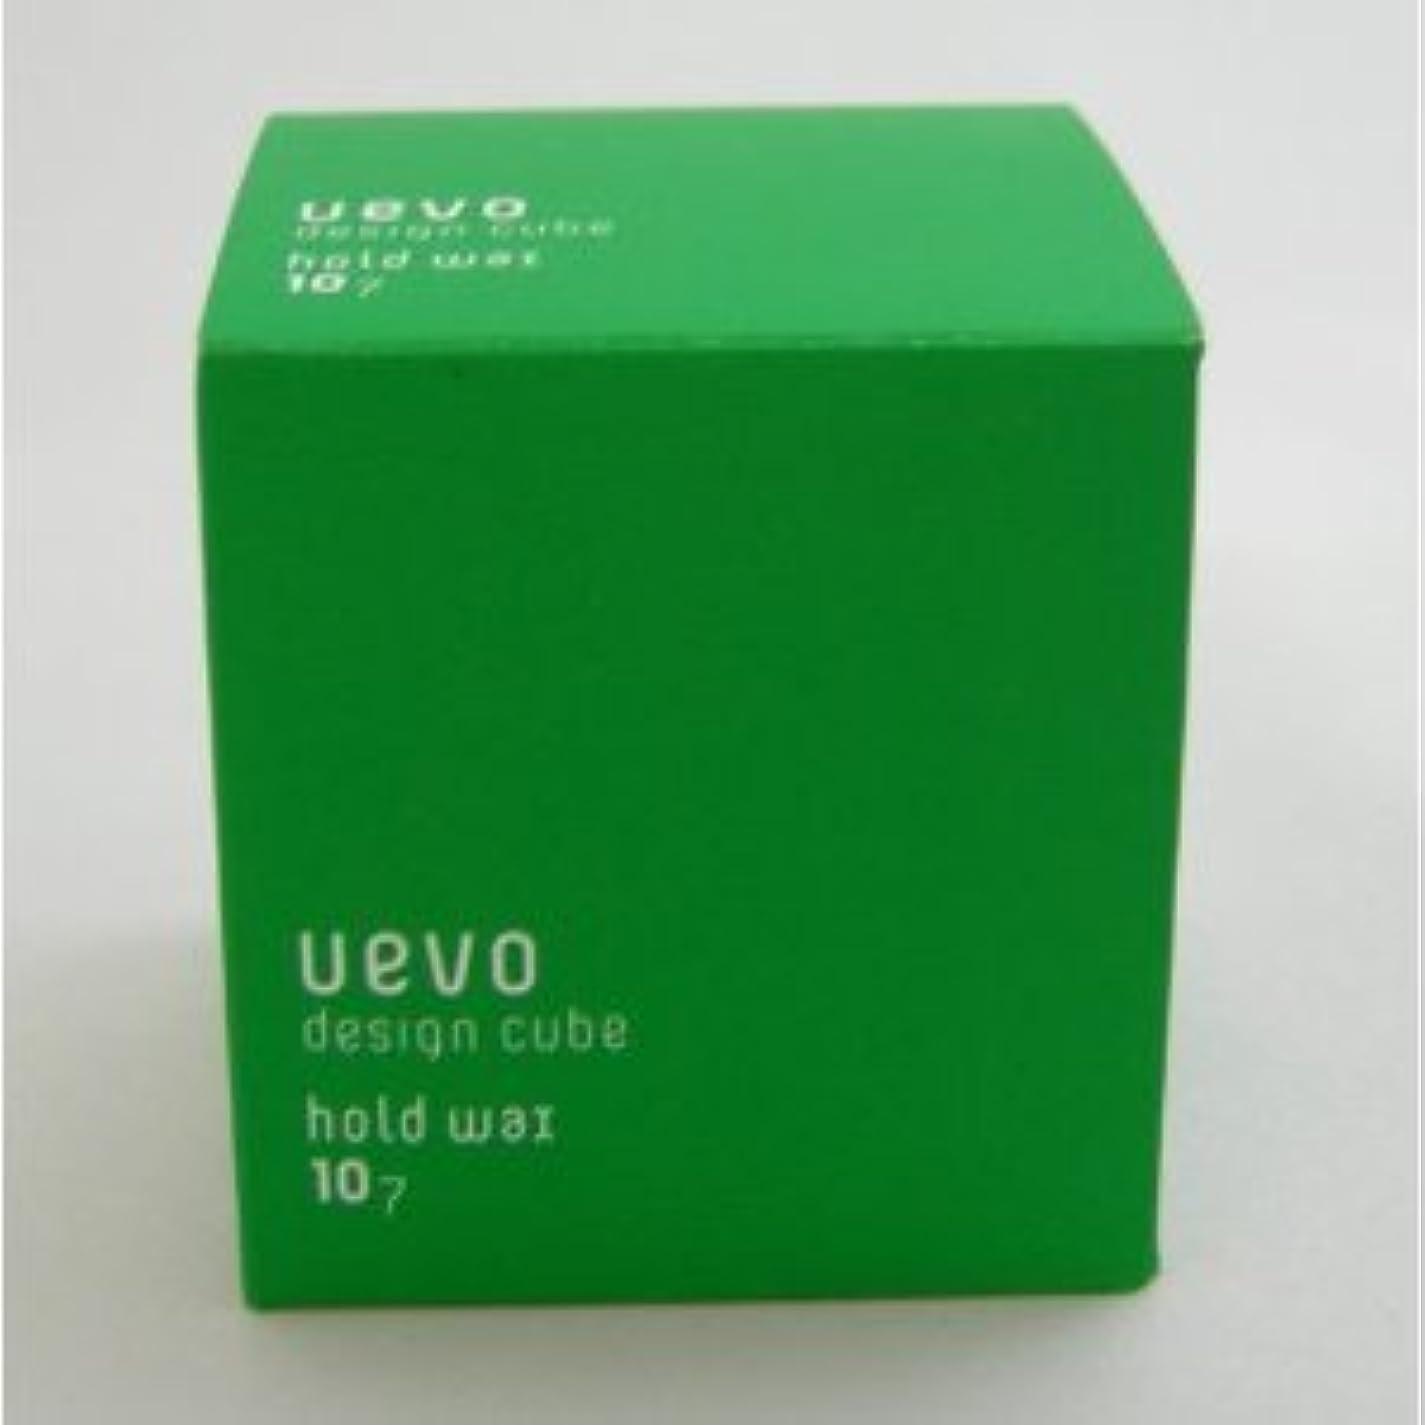 然としたメイト桃【X3個セット】 デミ ウェーボ デザインキューブ ホールドワックス 80g hold wax